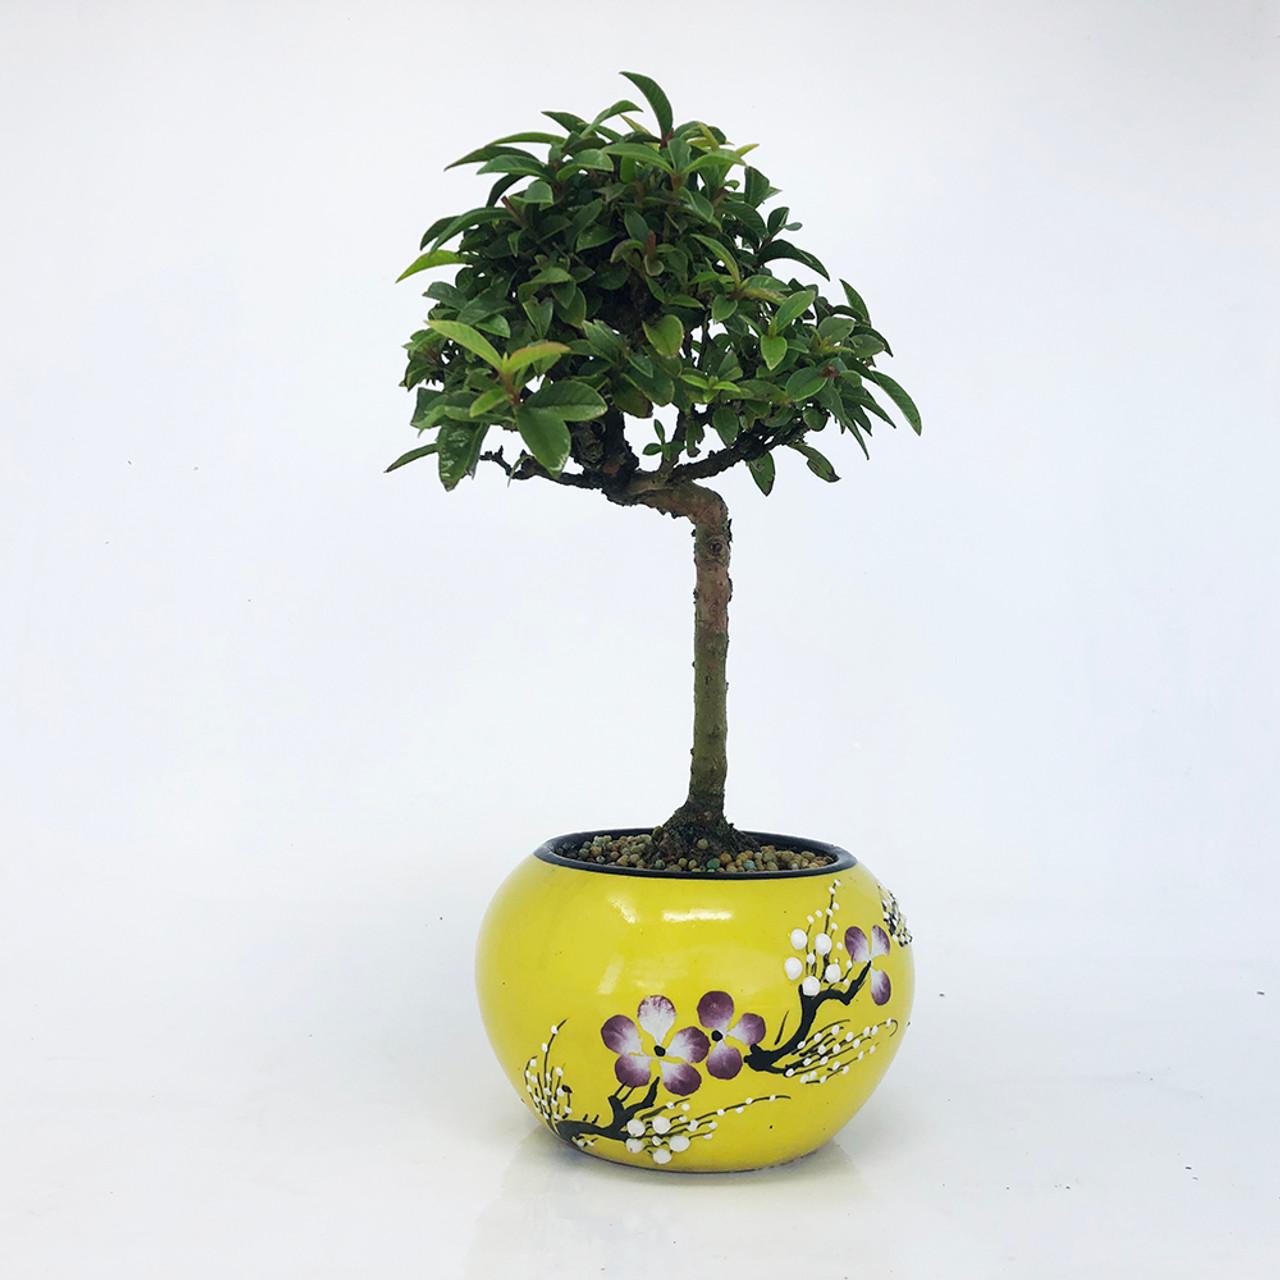 Dwarf Guava Bonsai Tree Bonsai Outlet